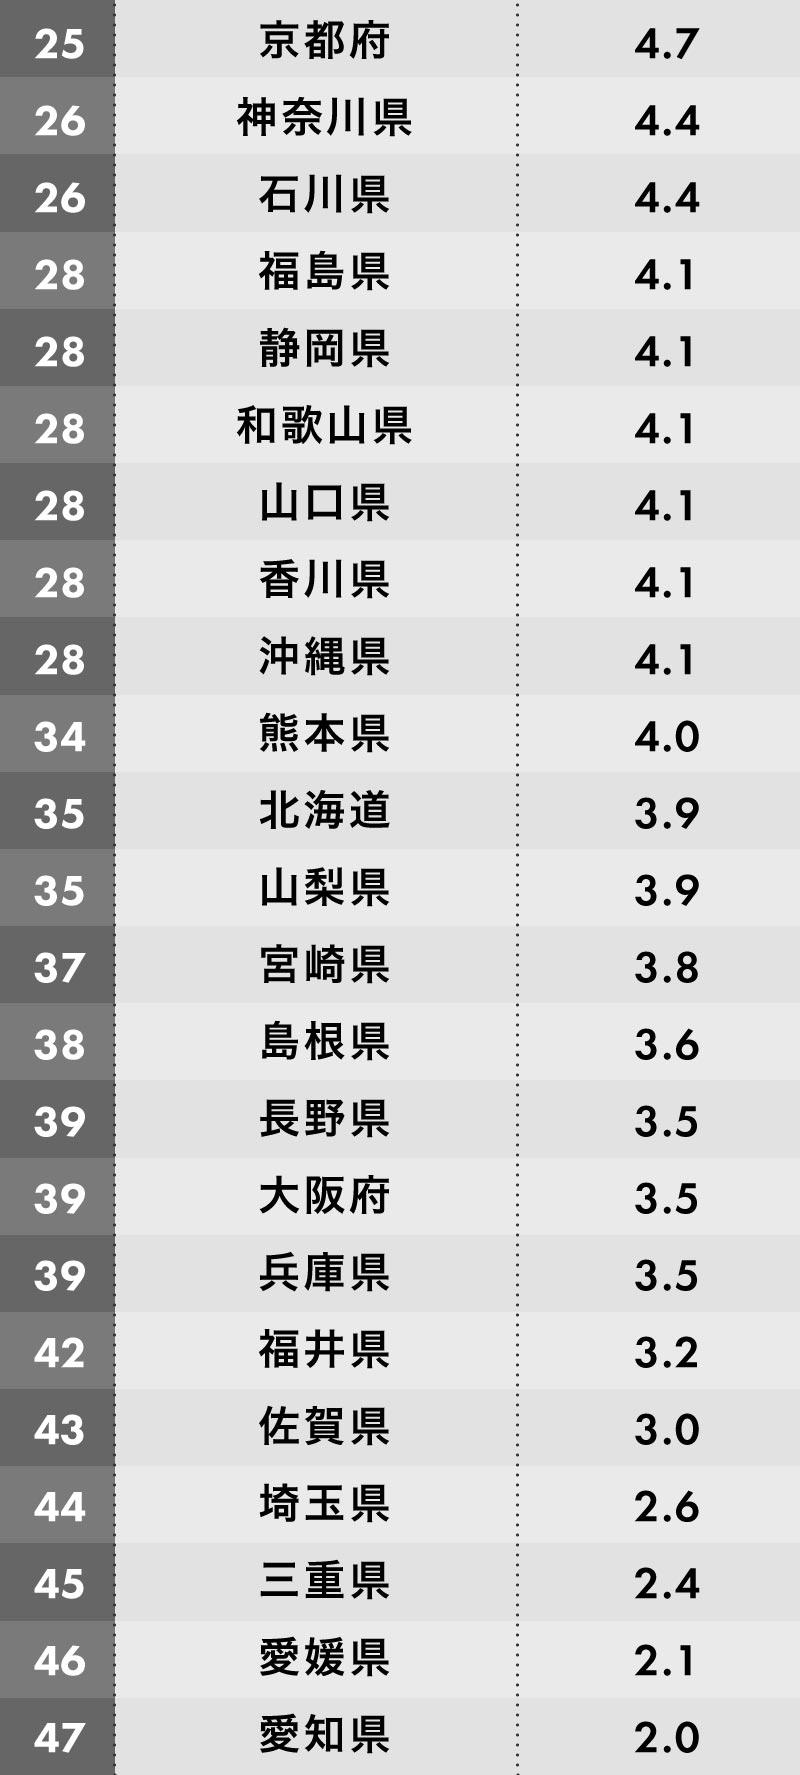 孤独に悩む人が多い都道府県ランキング 25位~47位